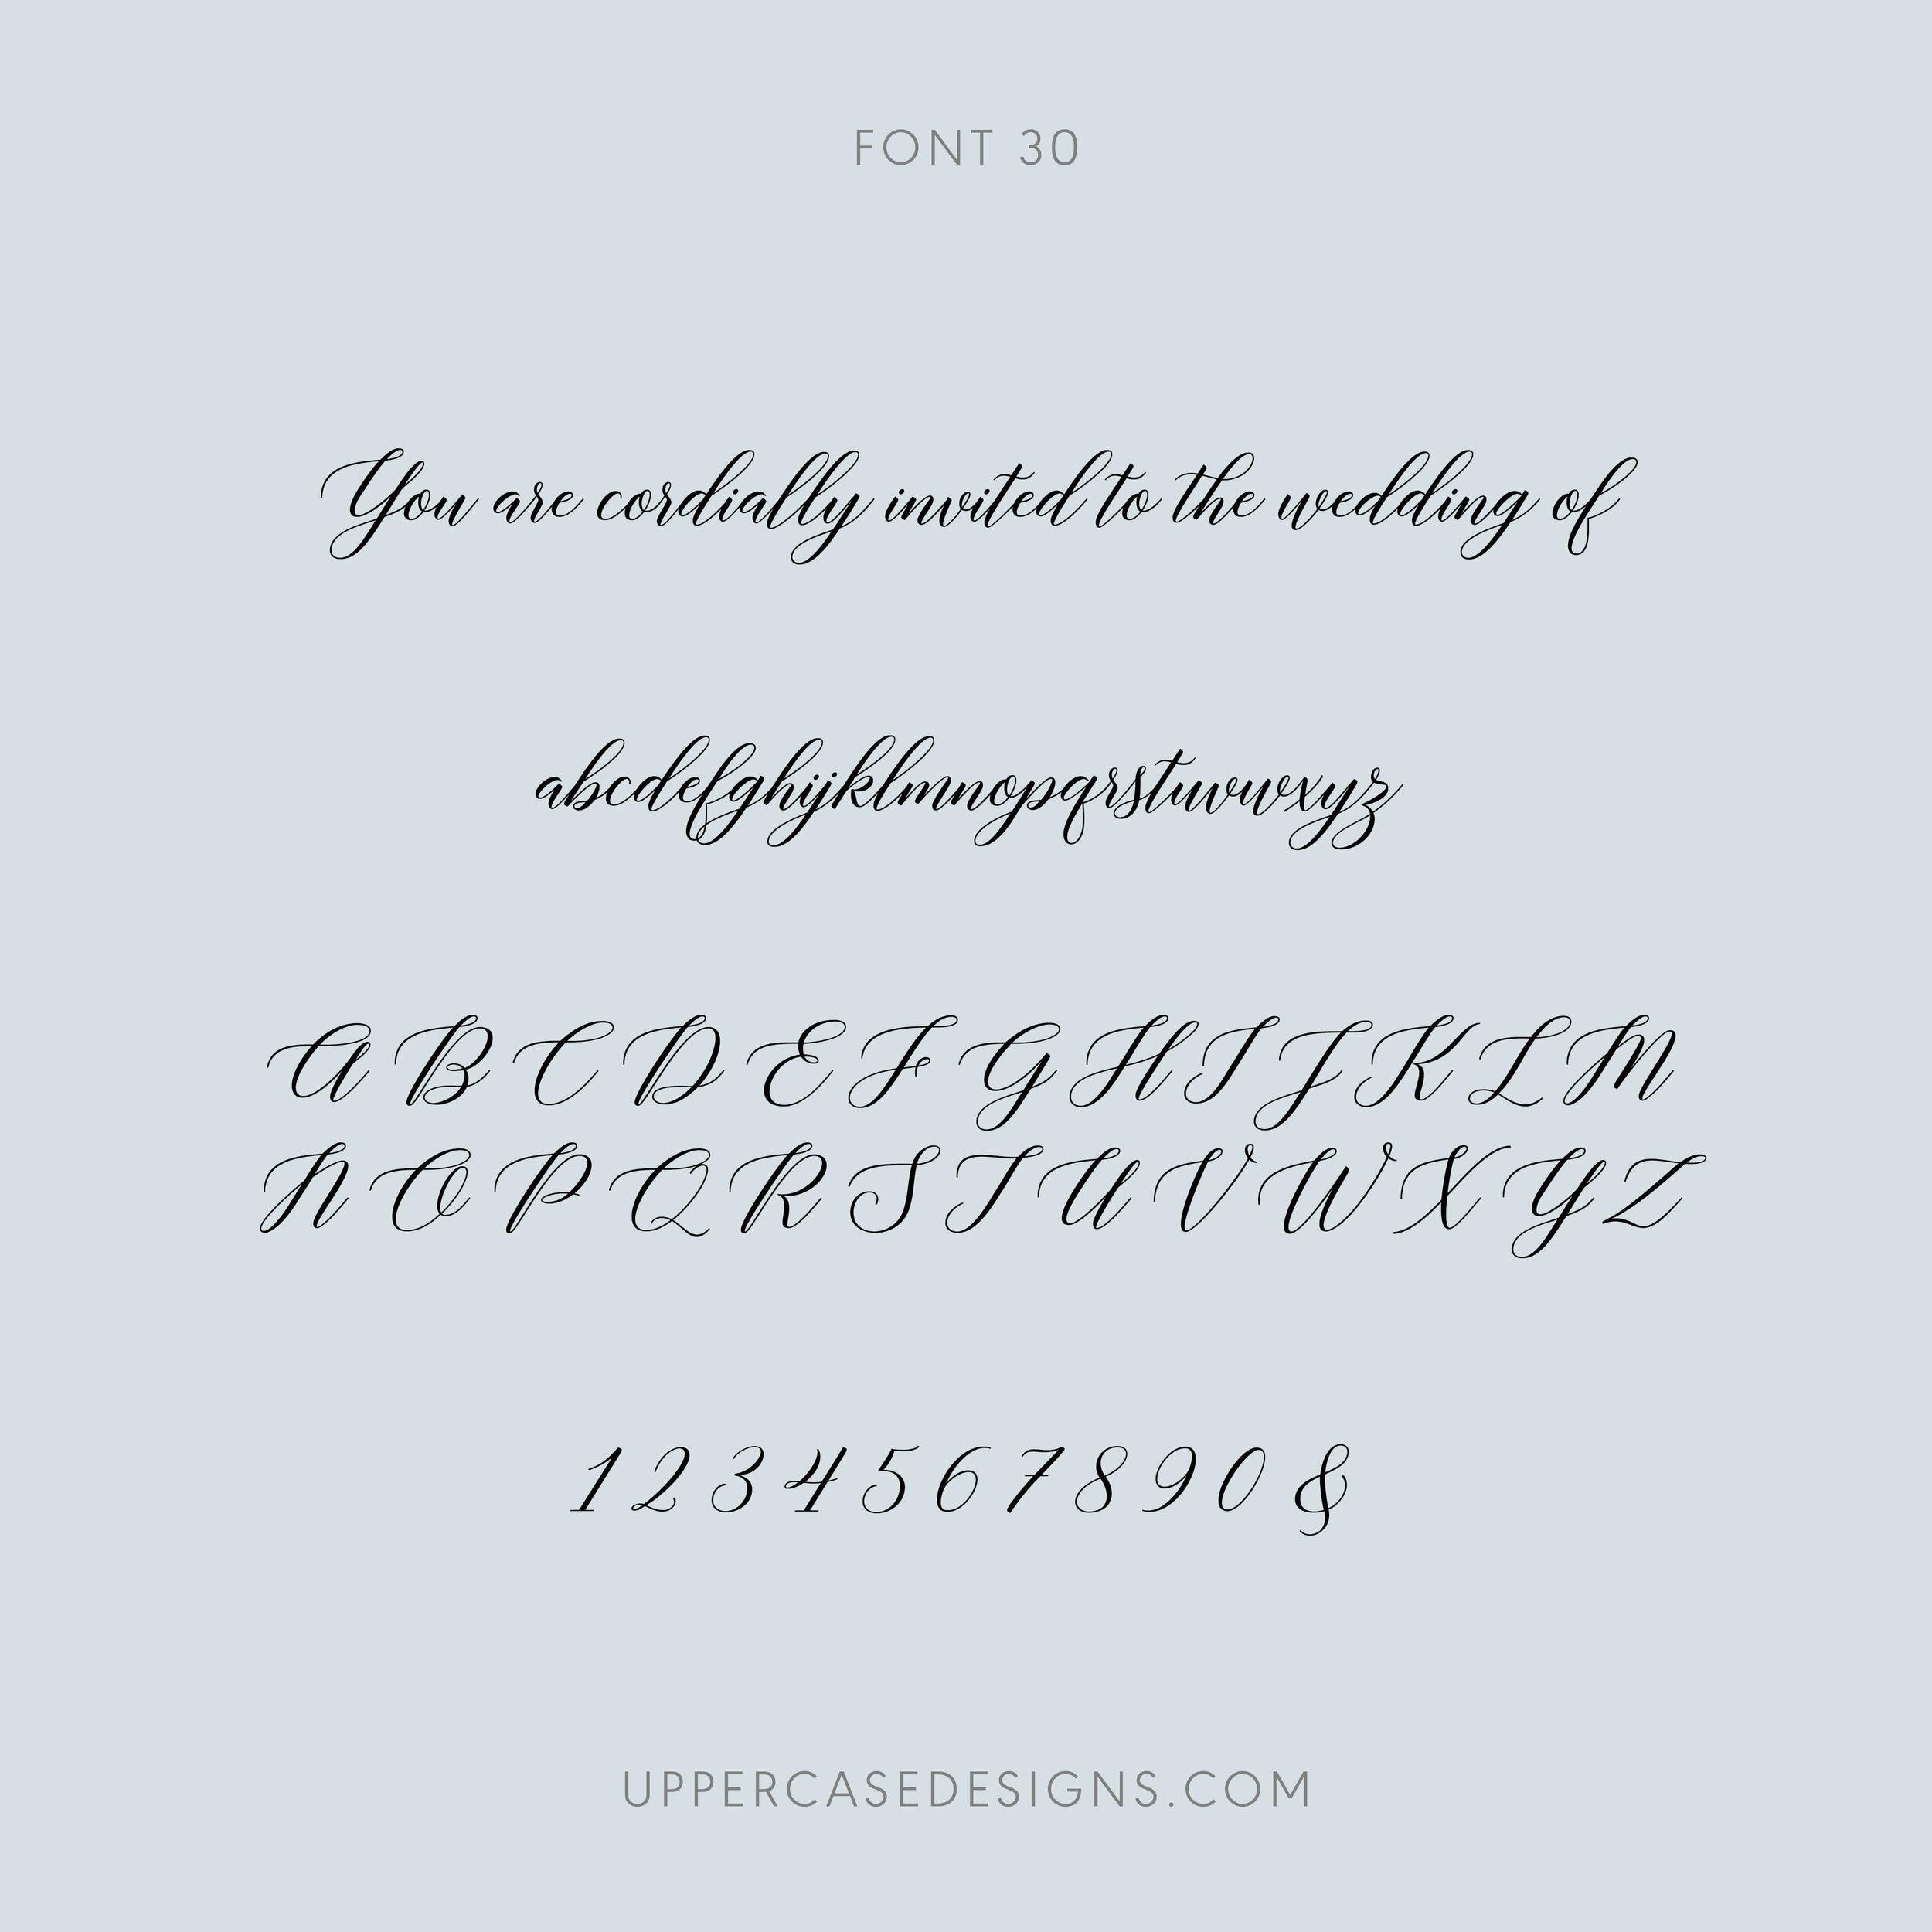 UppercaseDesigns-Fonts-202030.jpg